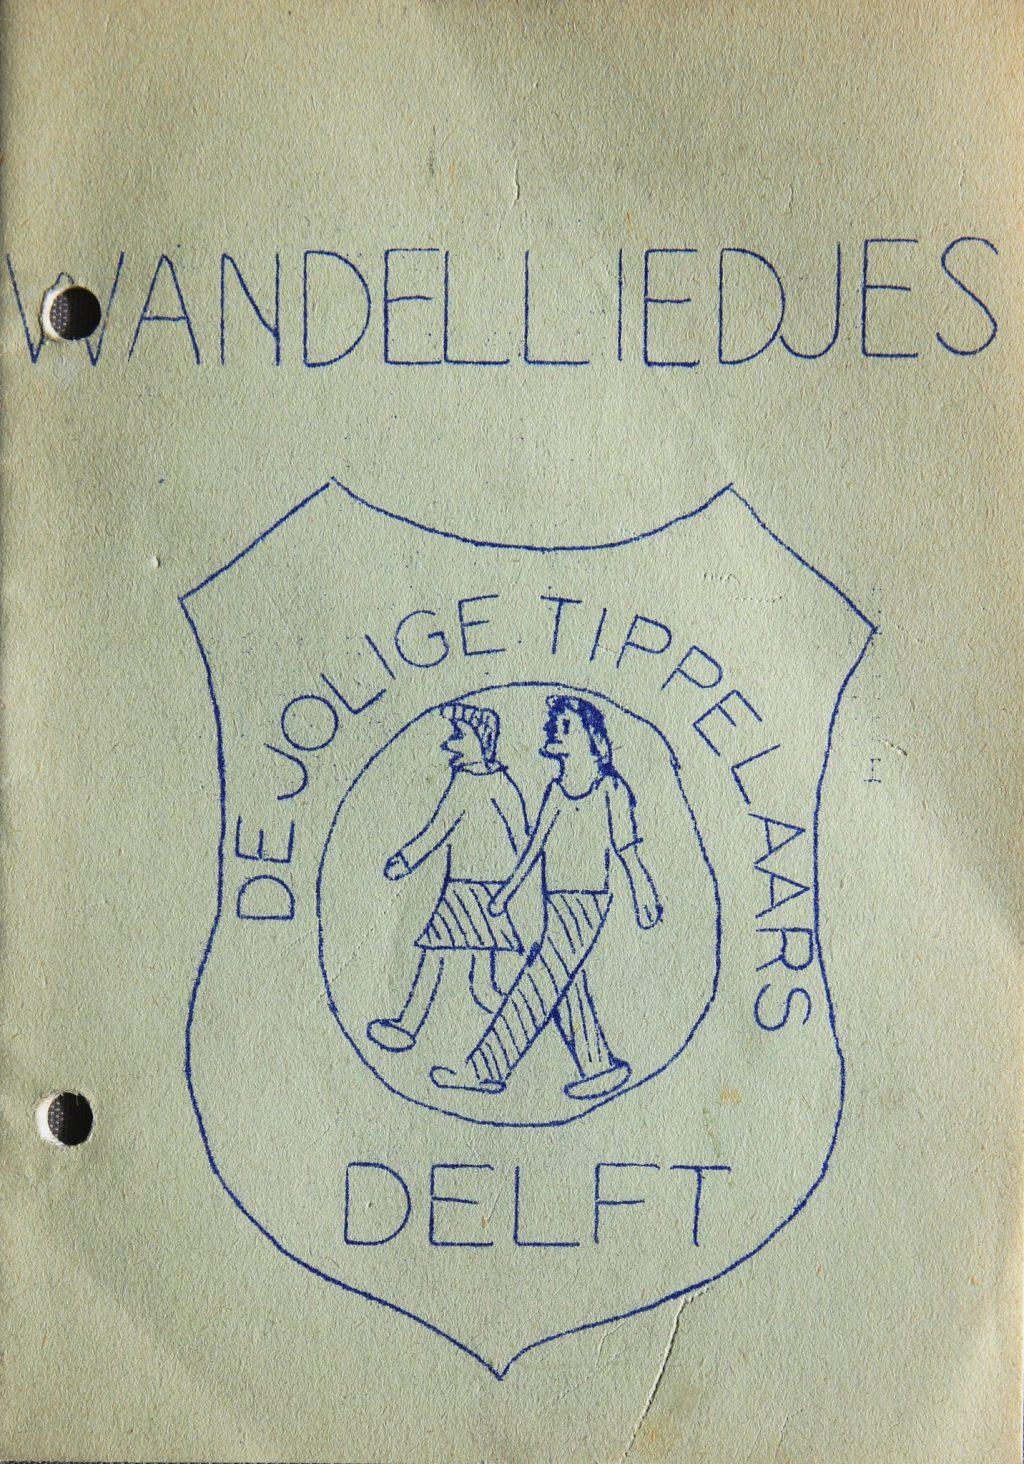 Zangbundel met wandelliedjes van vereniging De Jolige Tippelaars in Delft (Archief 525, inv.nr 18)